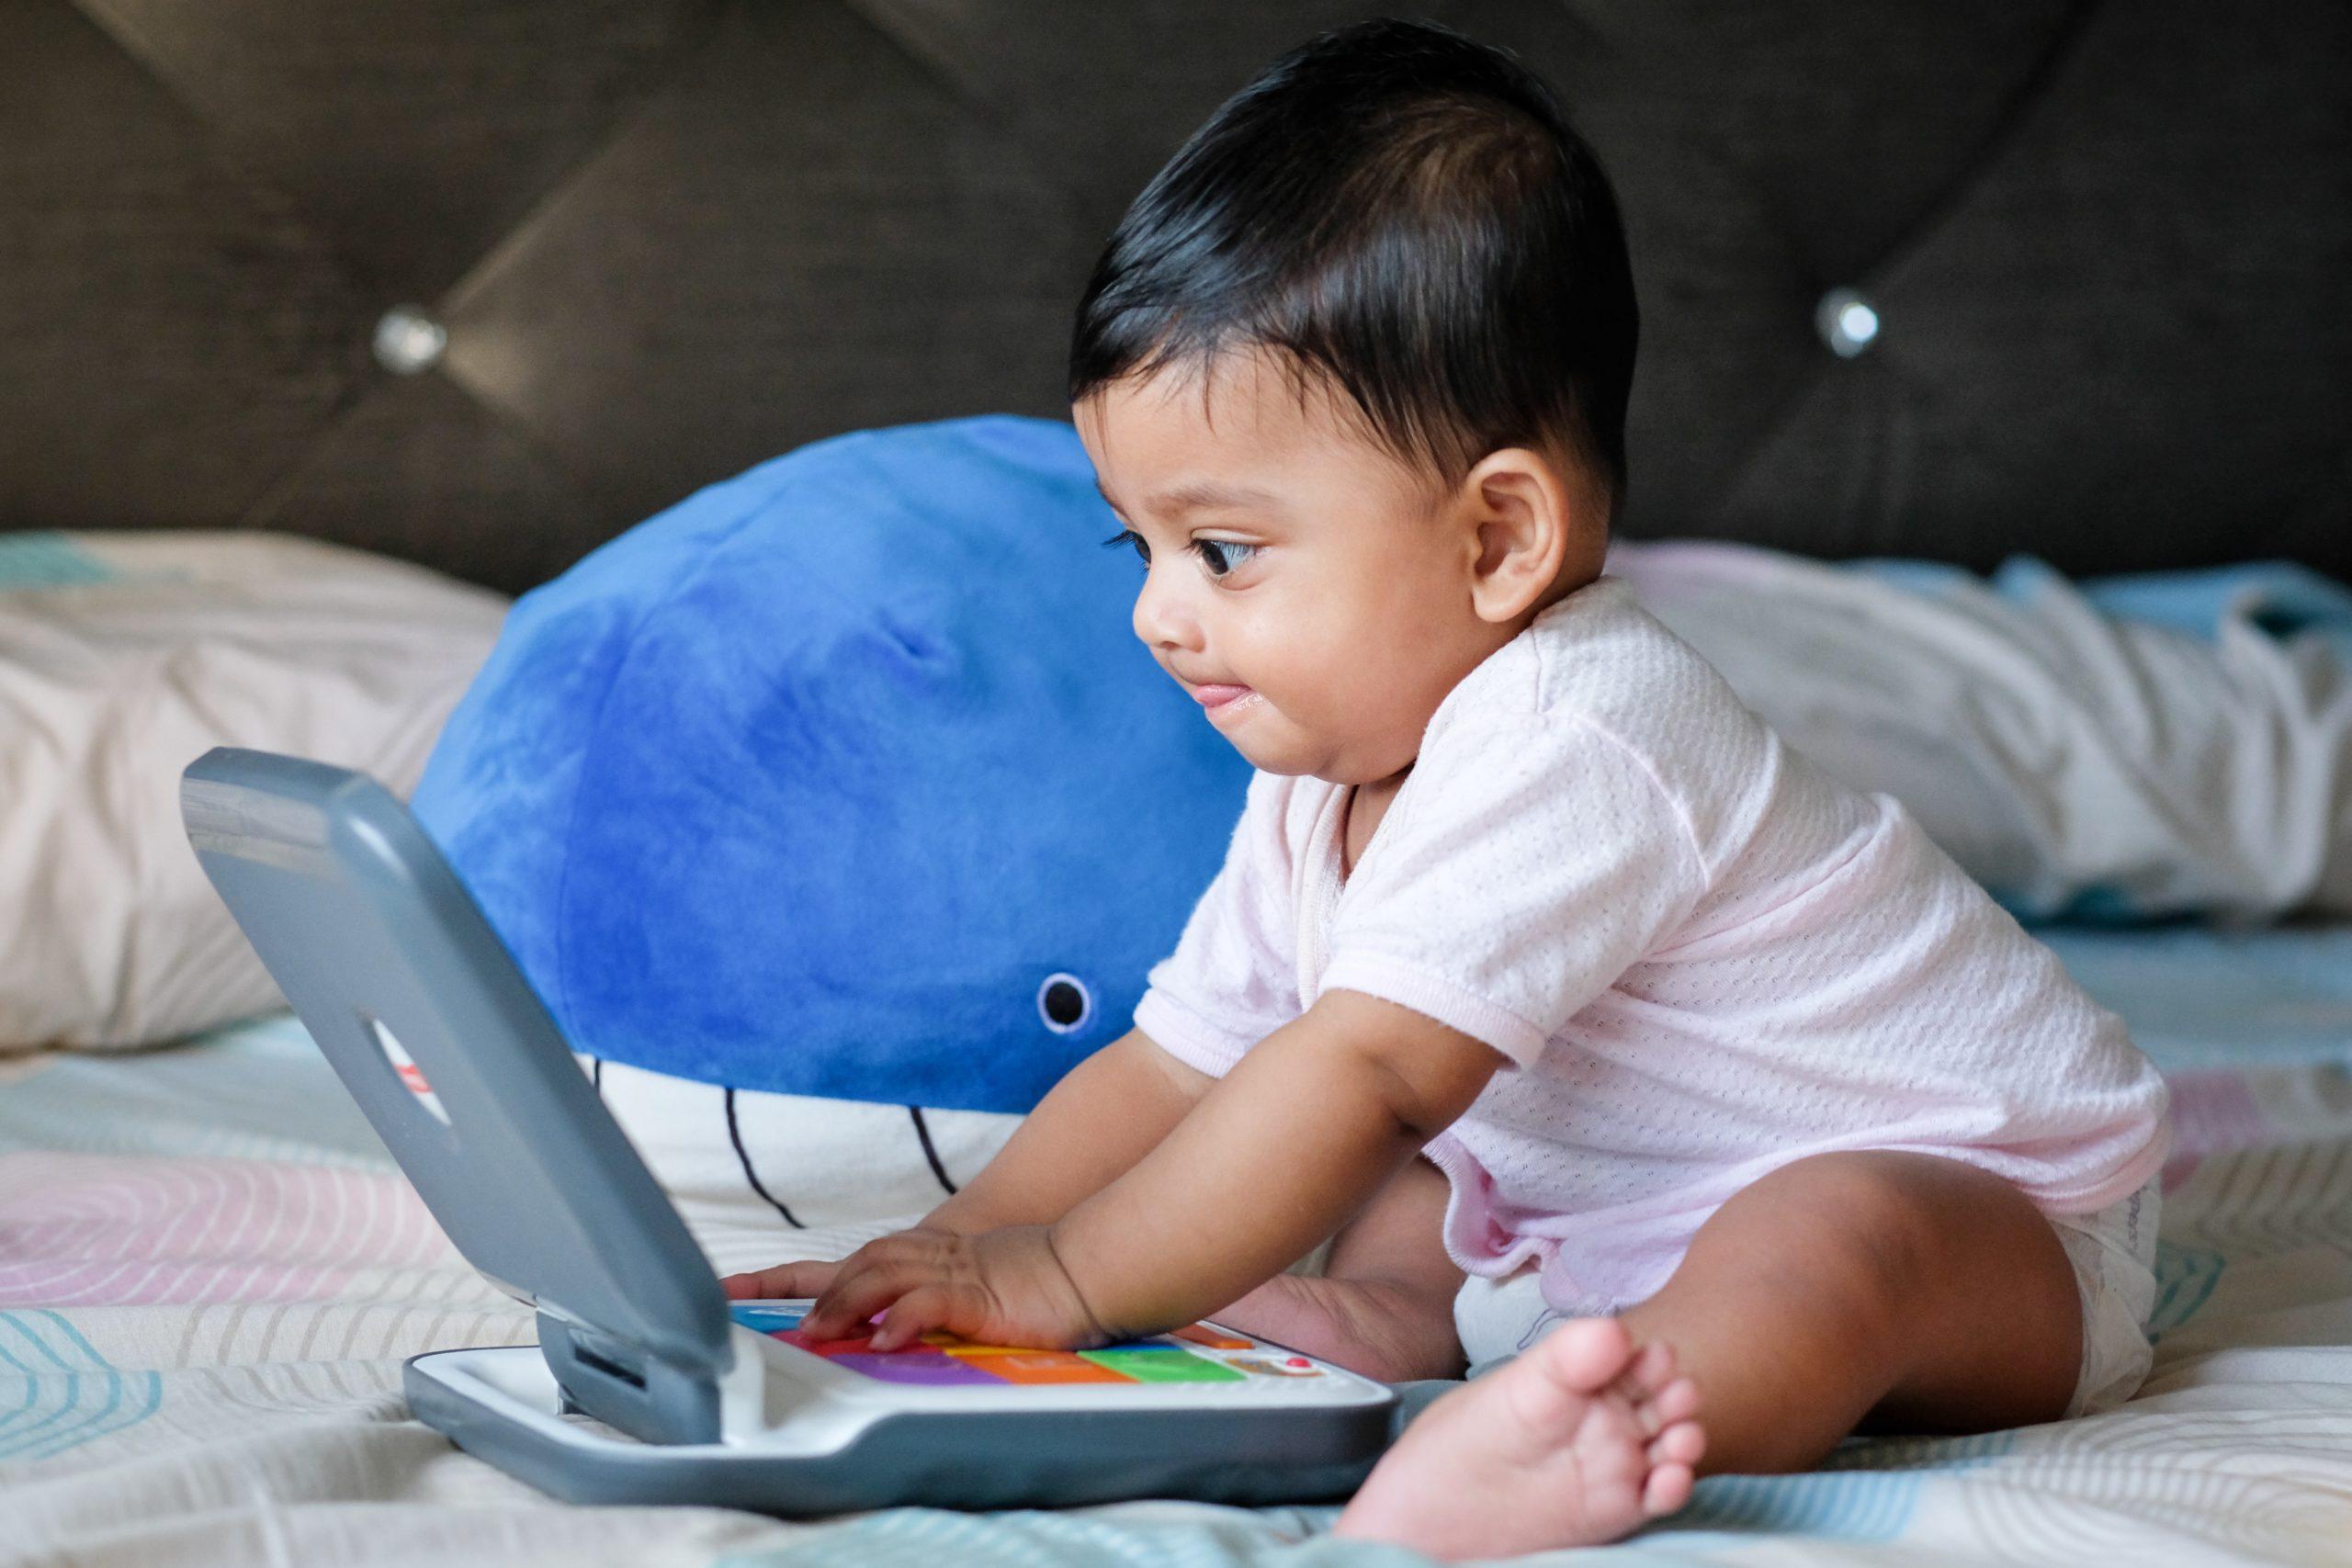 Kleinkind sitzend auf dem Bett spielt mit einem Kindercomputer